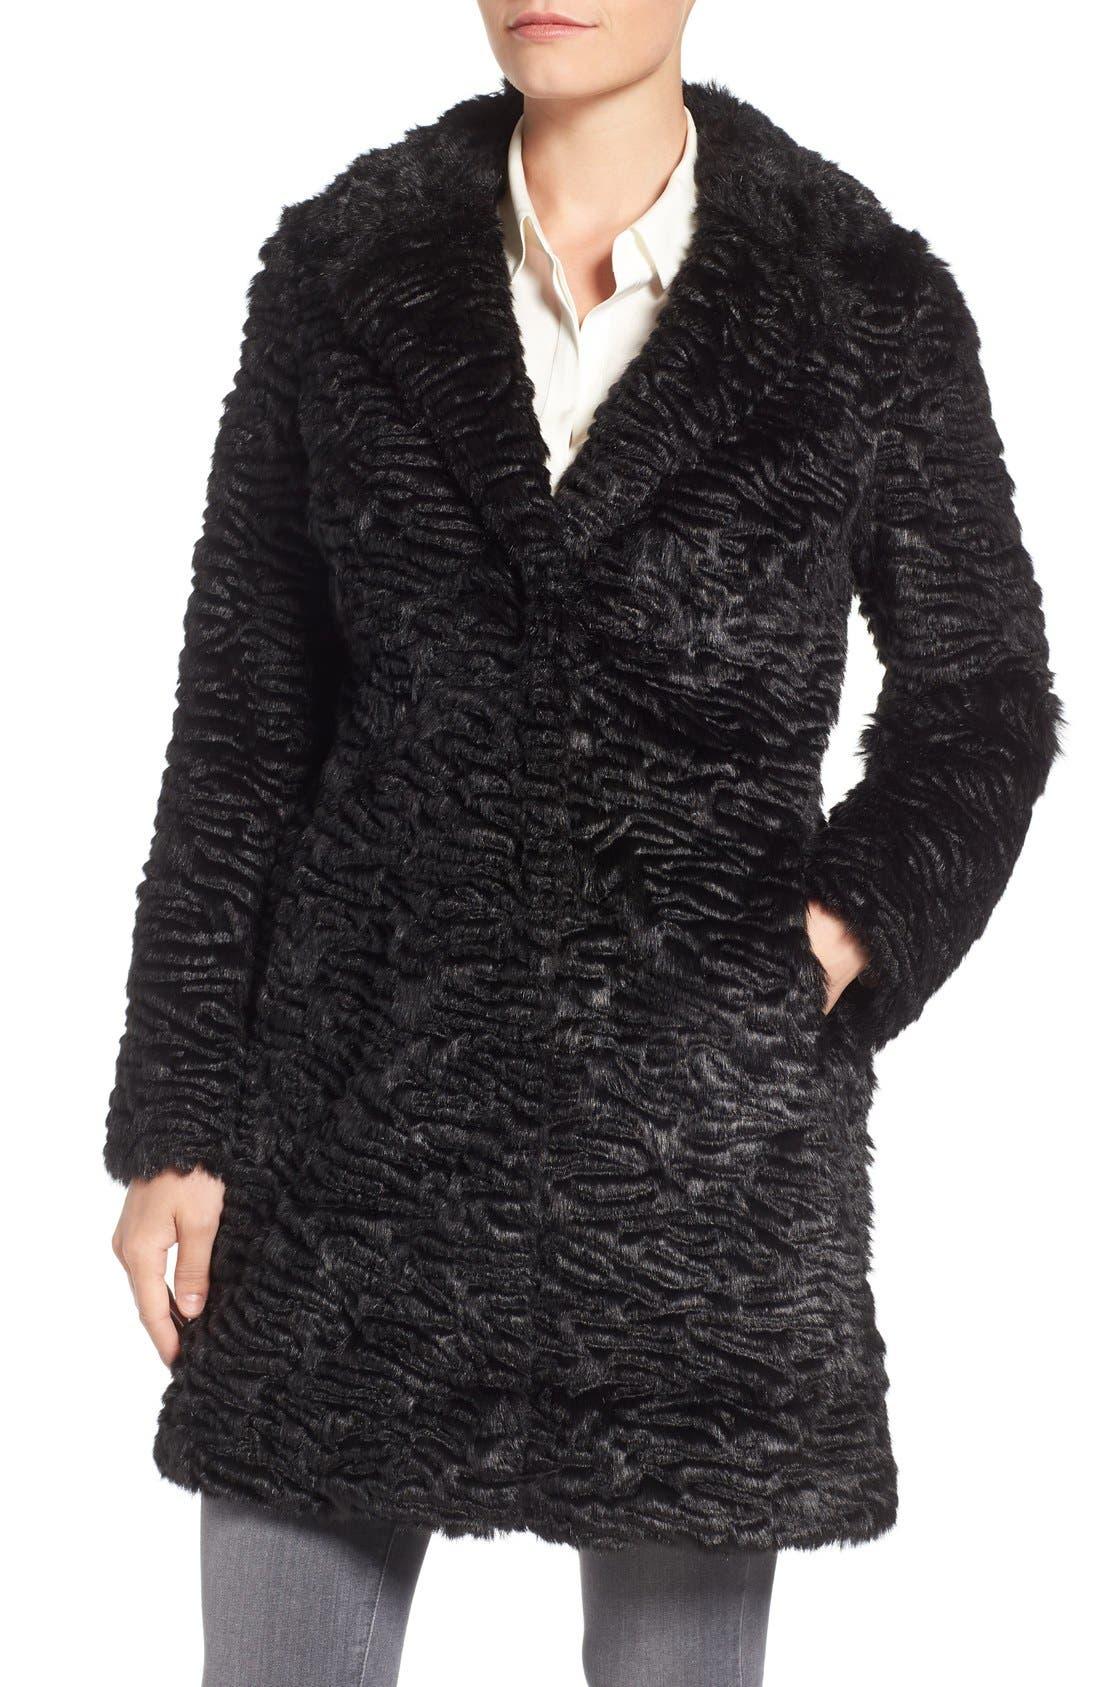 Faux Persian Lamb Coat,                             Alternate thumbnail 4, color,                             001